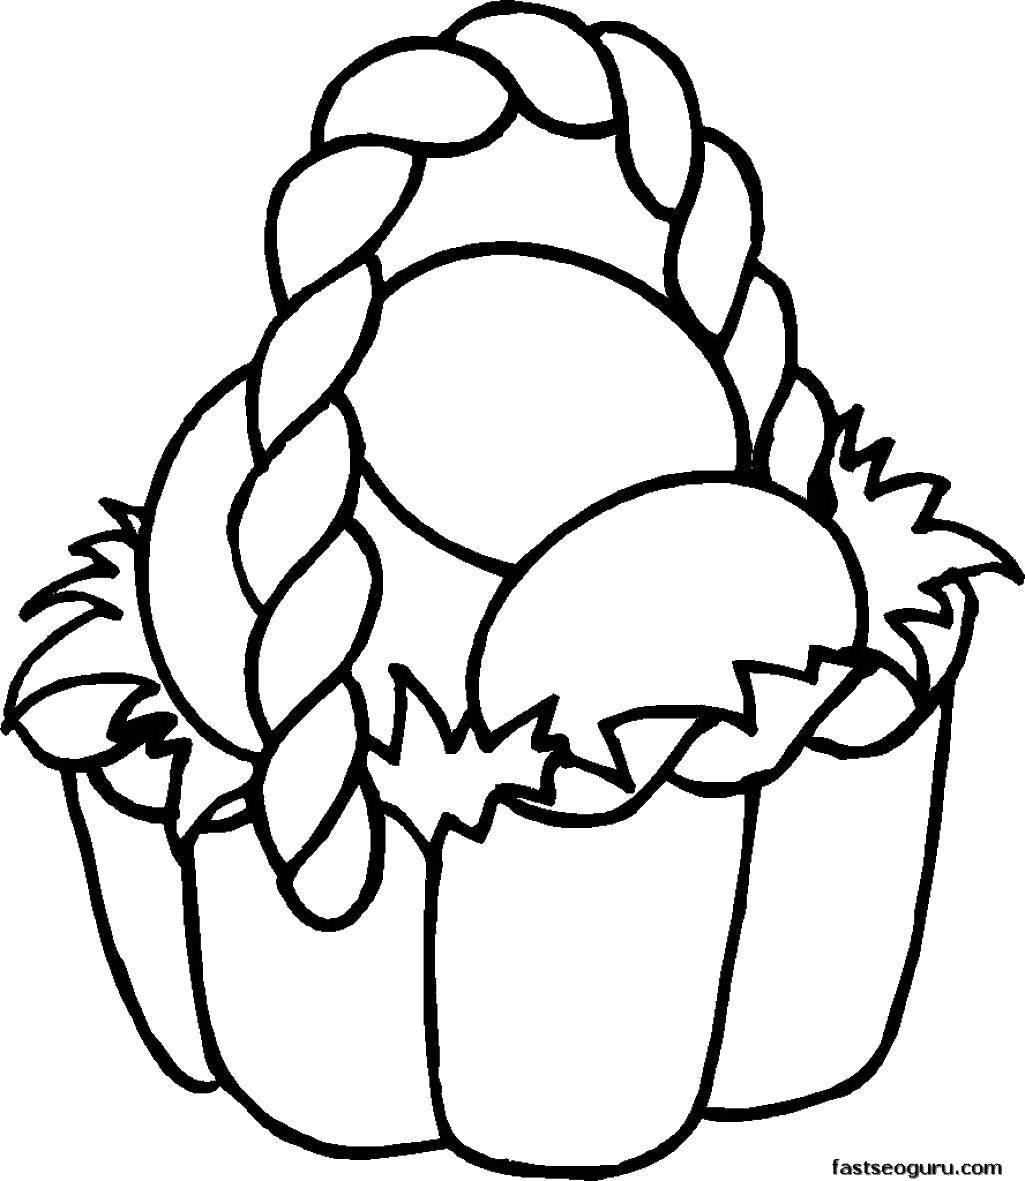 Раскраска Корзинка и пасхальные яйца Скачать корзина, яйца.  Распечатать ,пасхальные яйца,